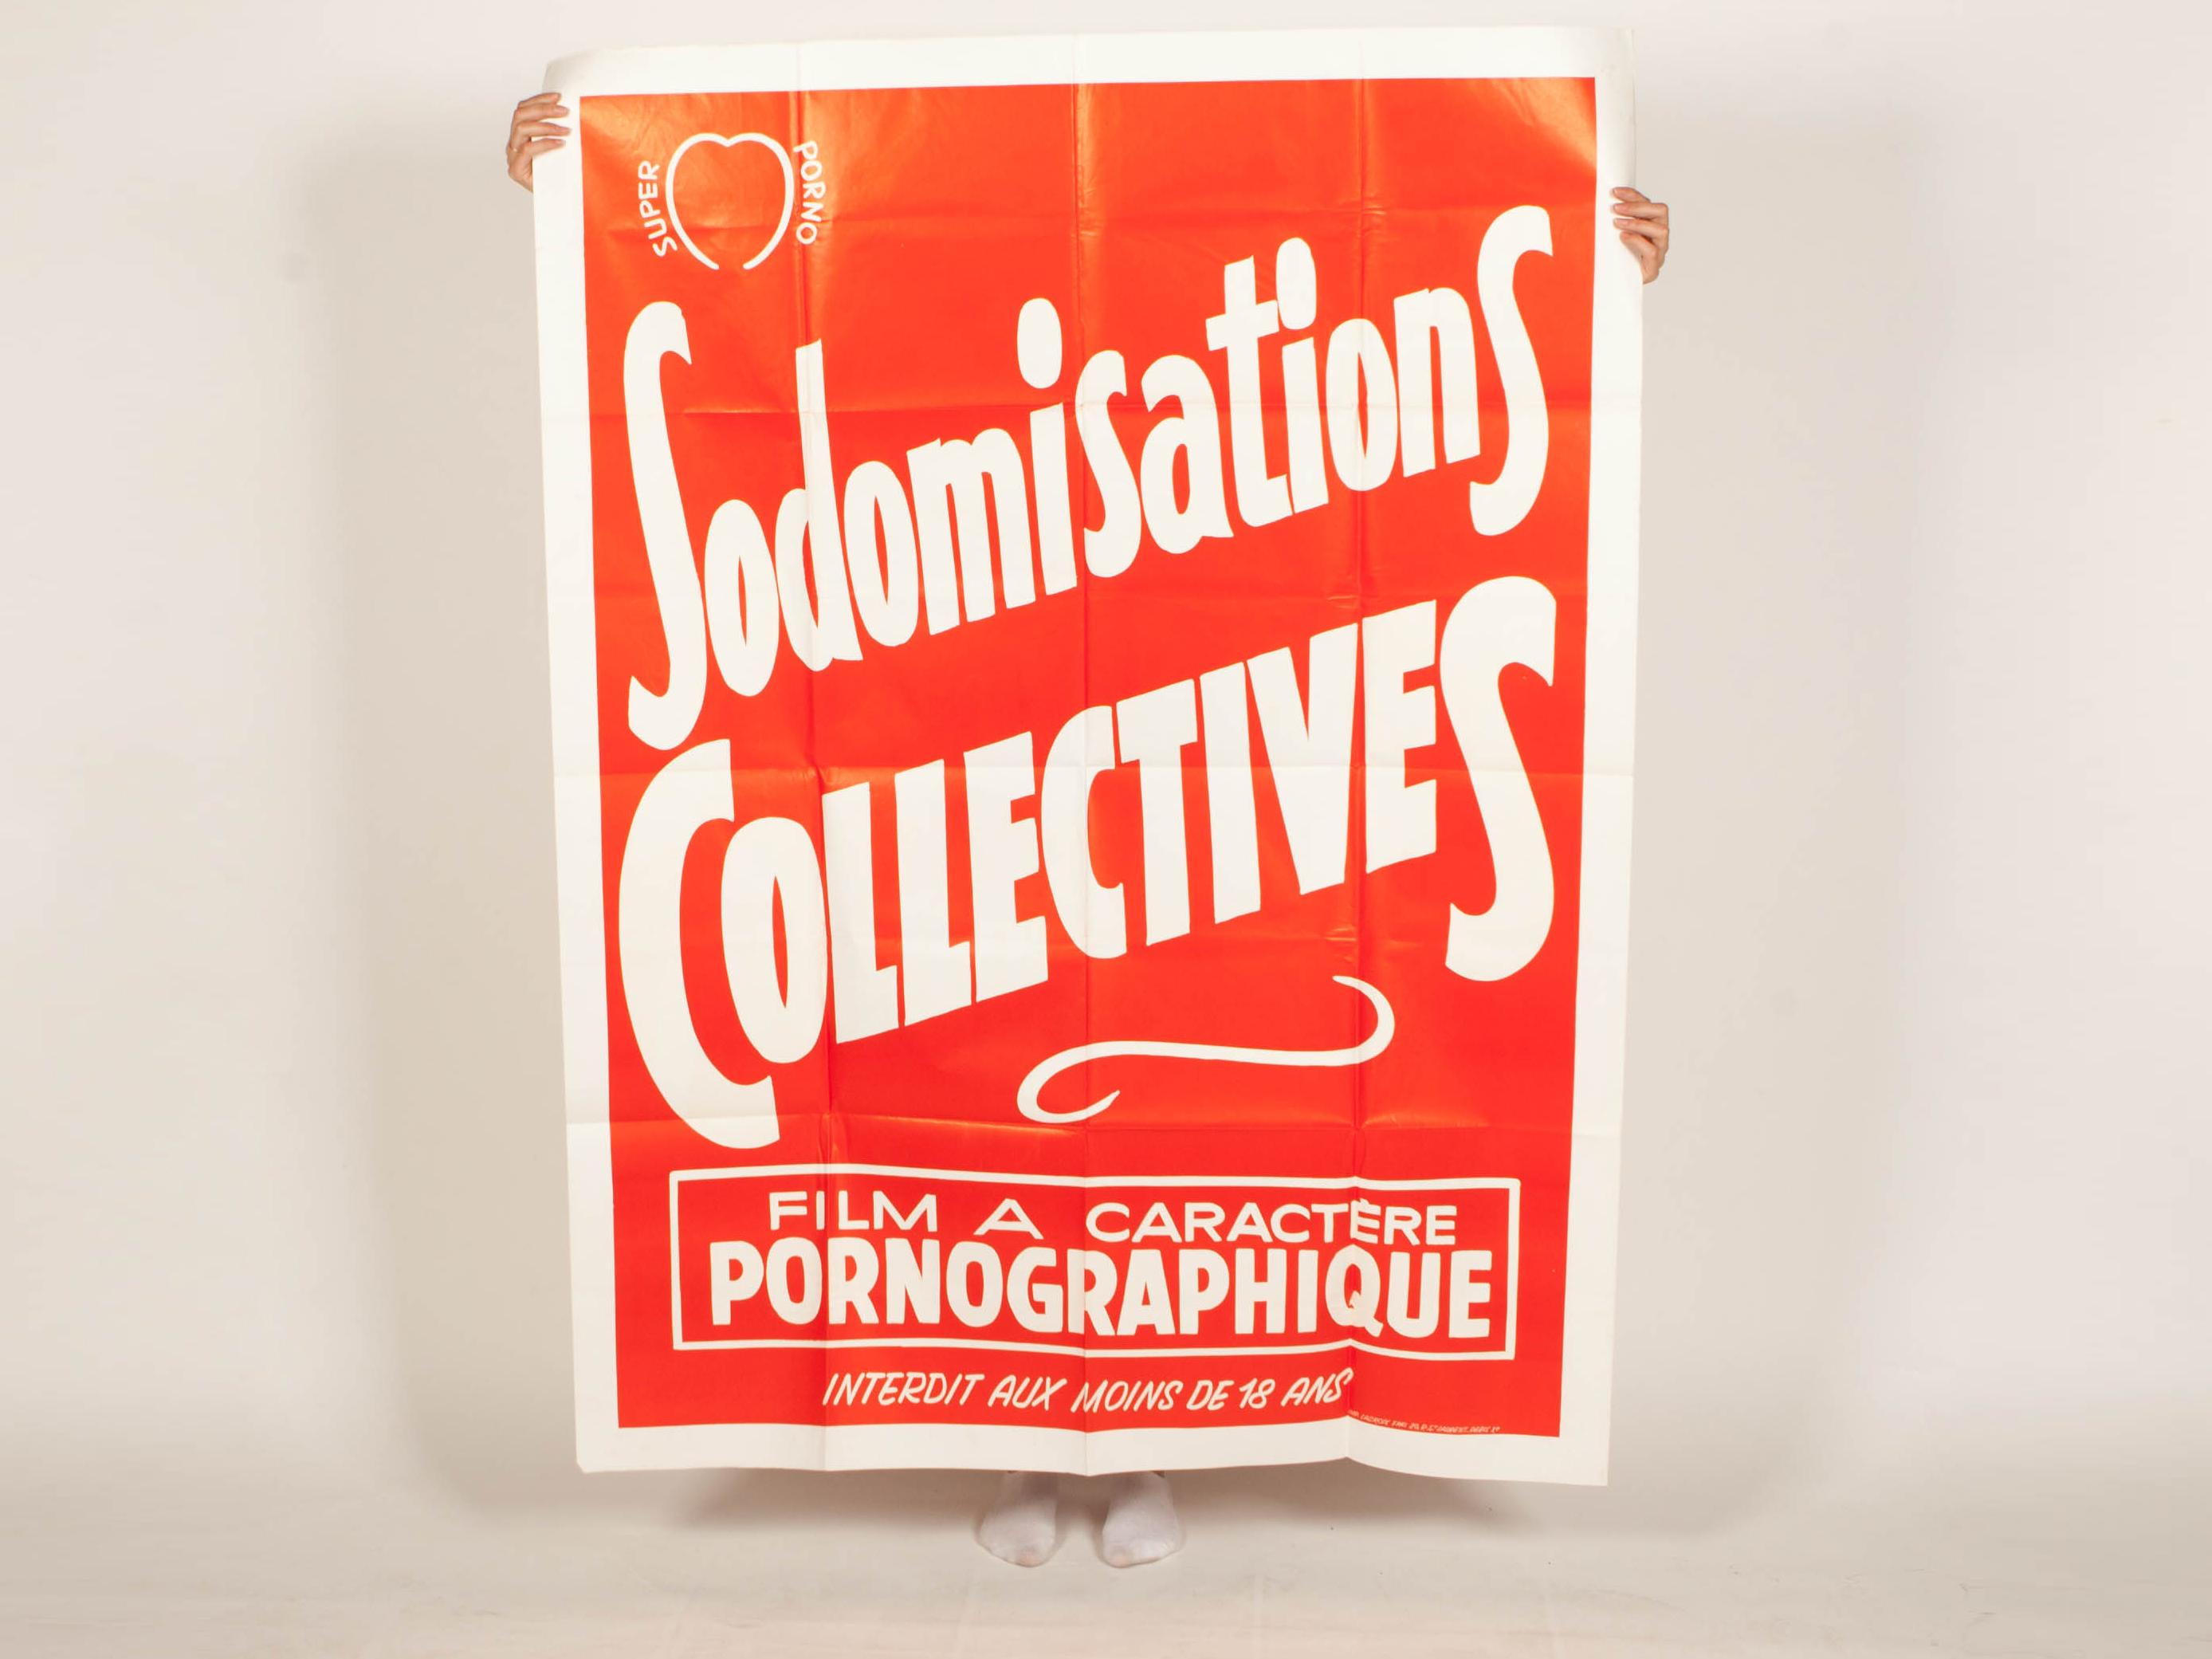 Sodomiastion collective à retrouver dans Pornographisme